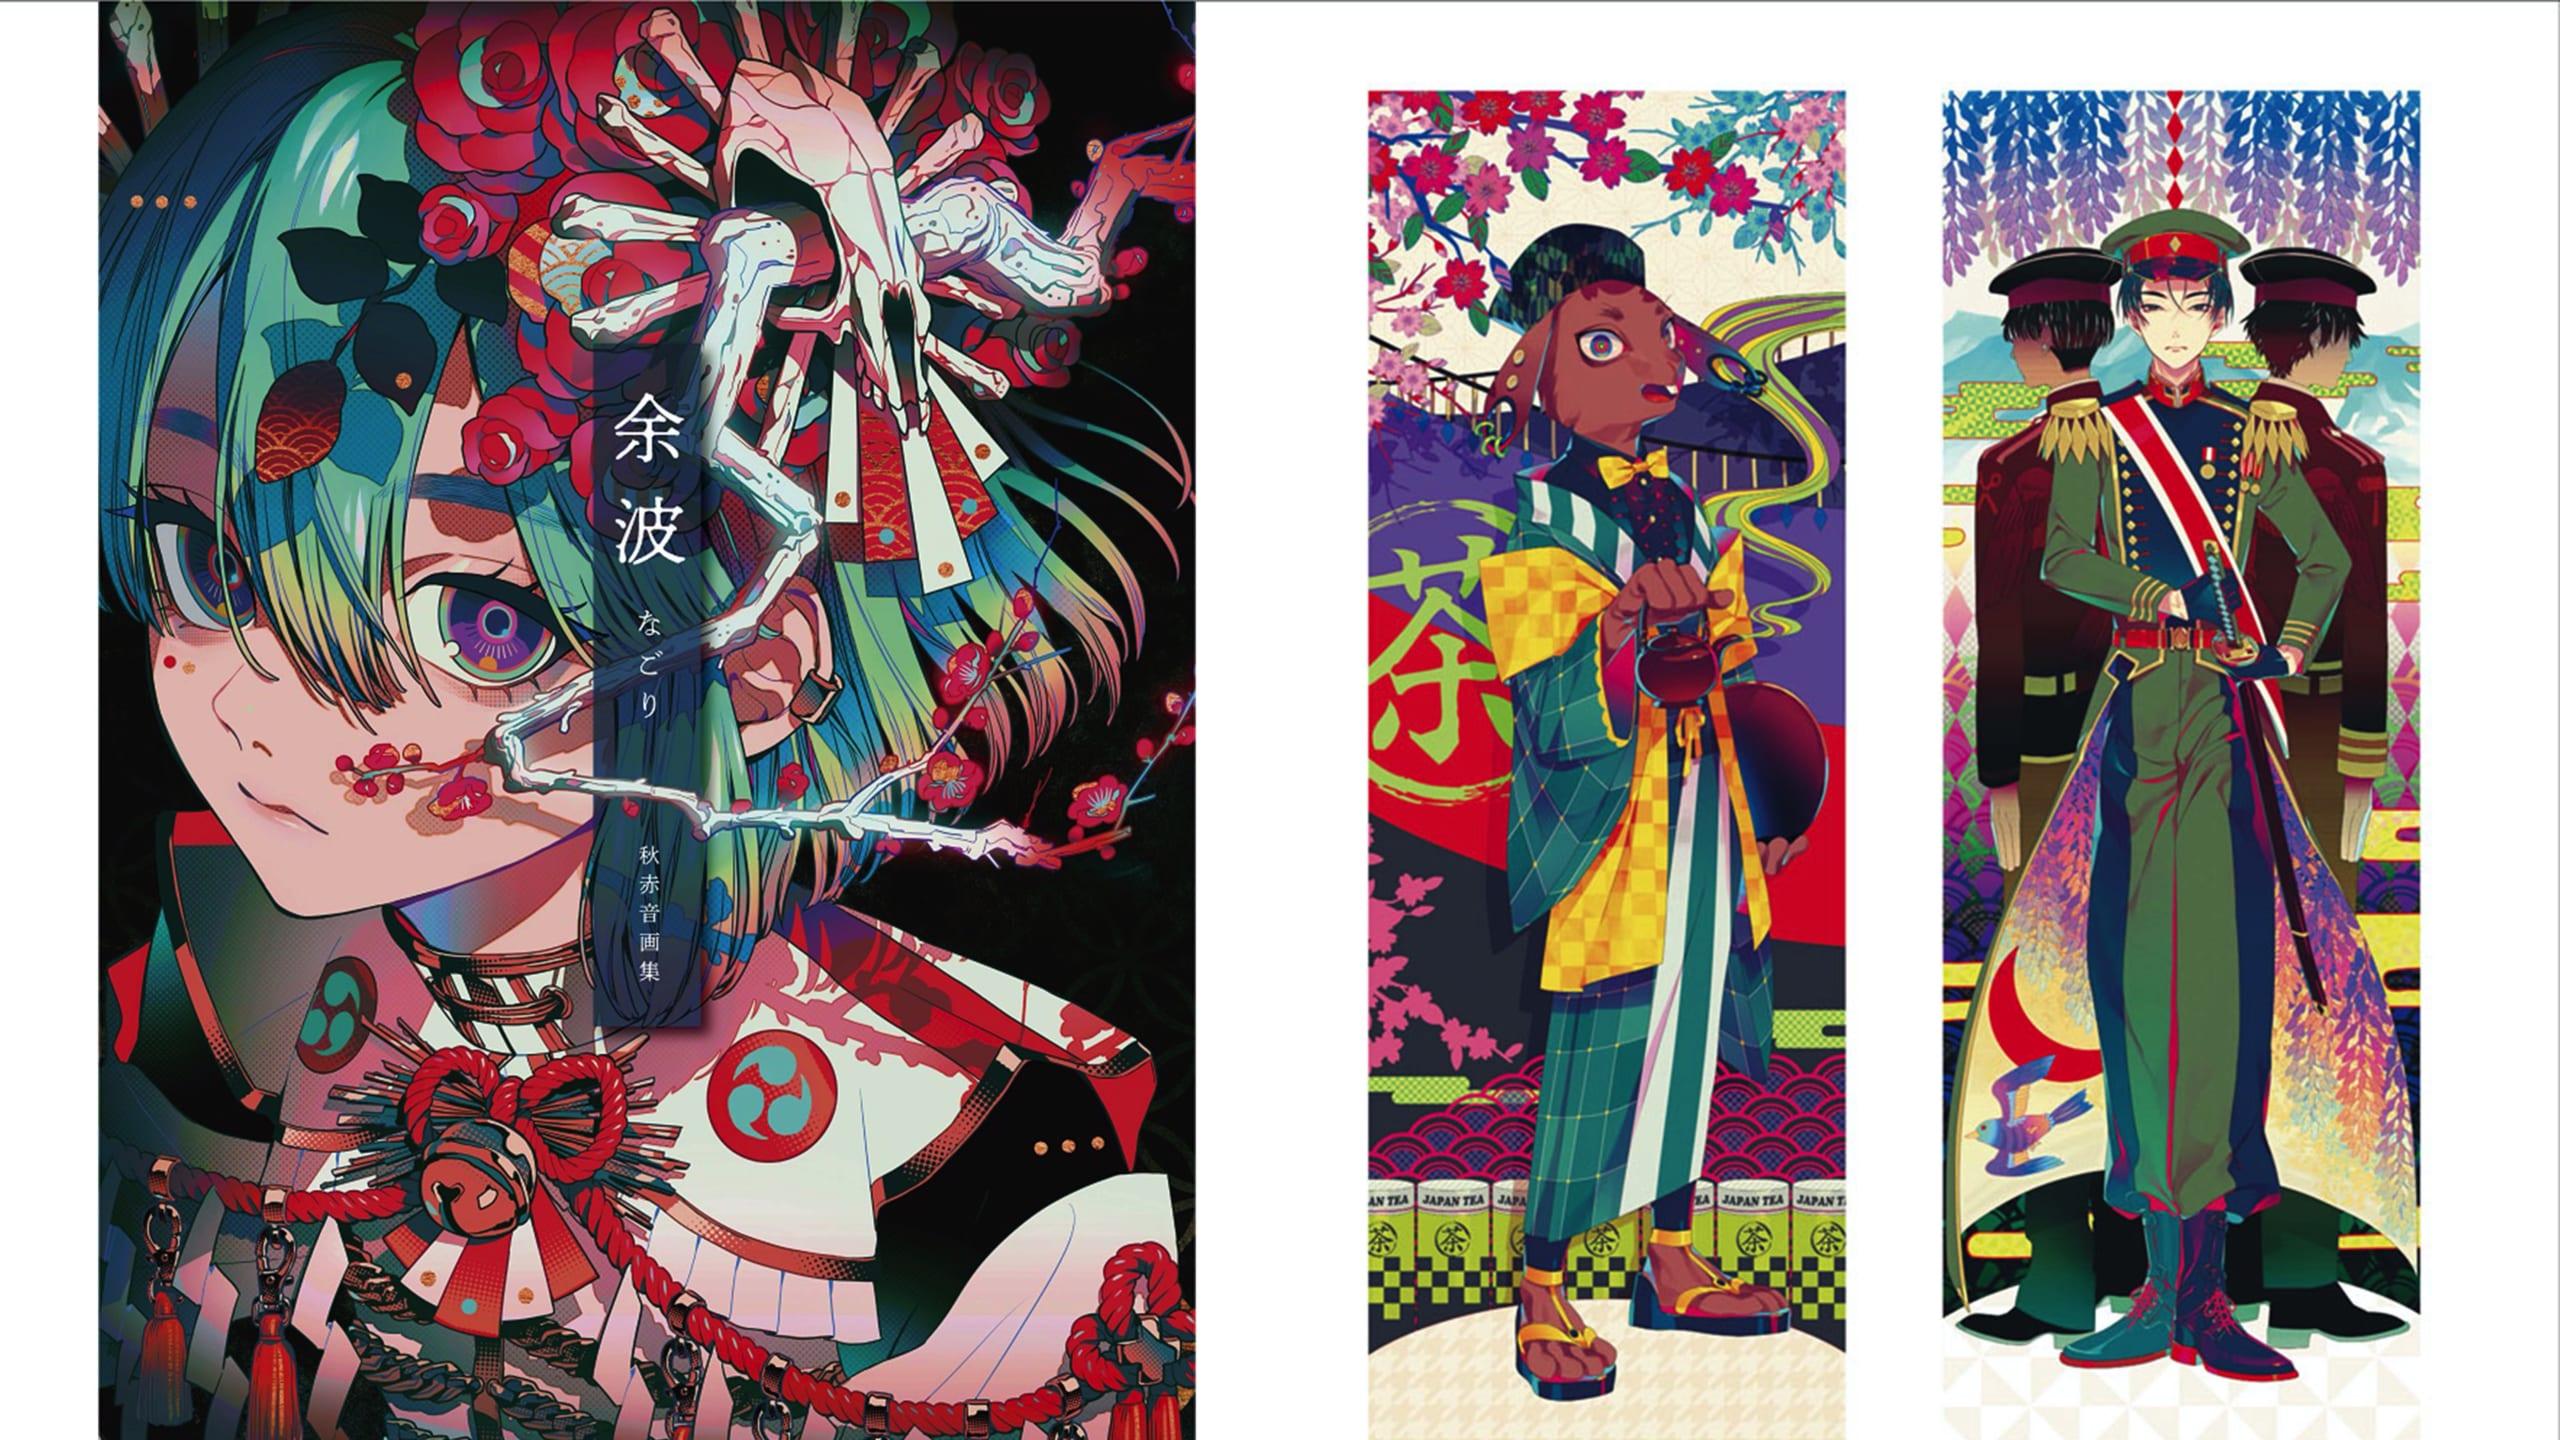 『パラライ』キャラデザなどで知られる秋赤音先生3rd画集「余波」発売!一度見たら脳裏まで打ち寄せる極彩色の波